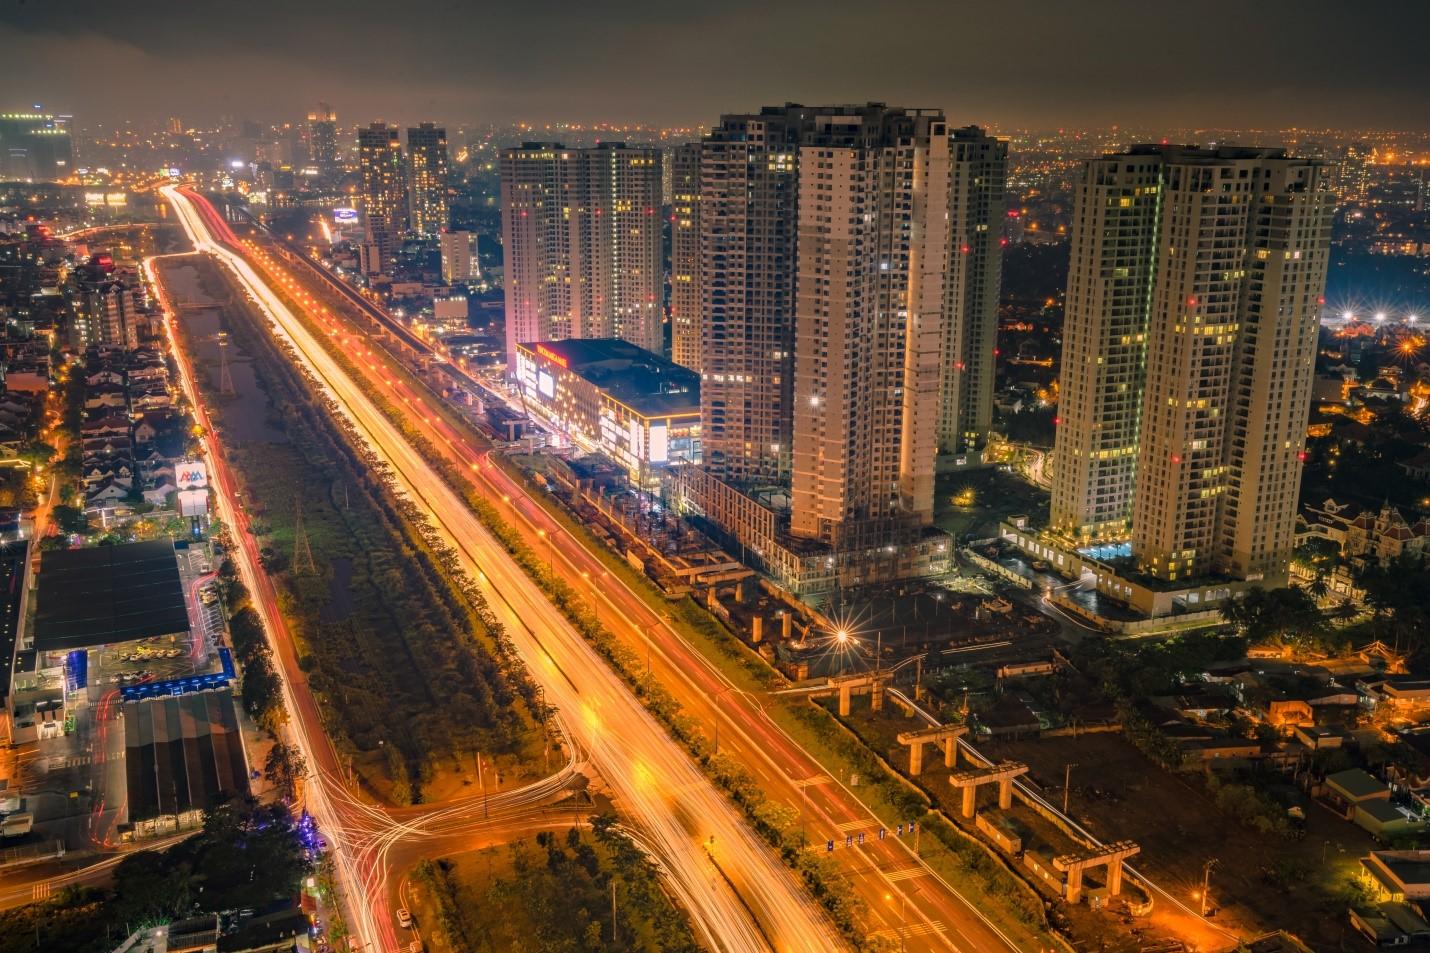 Khu Đông tiếp tục dẫn dắt nguồn cung căn hộ cao cấp năm 2021. Ảnh: